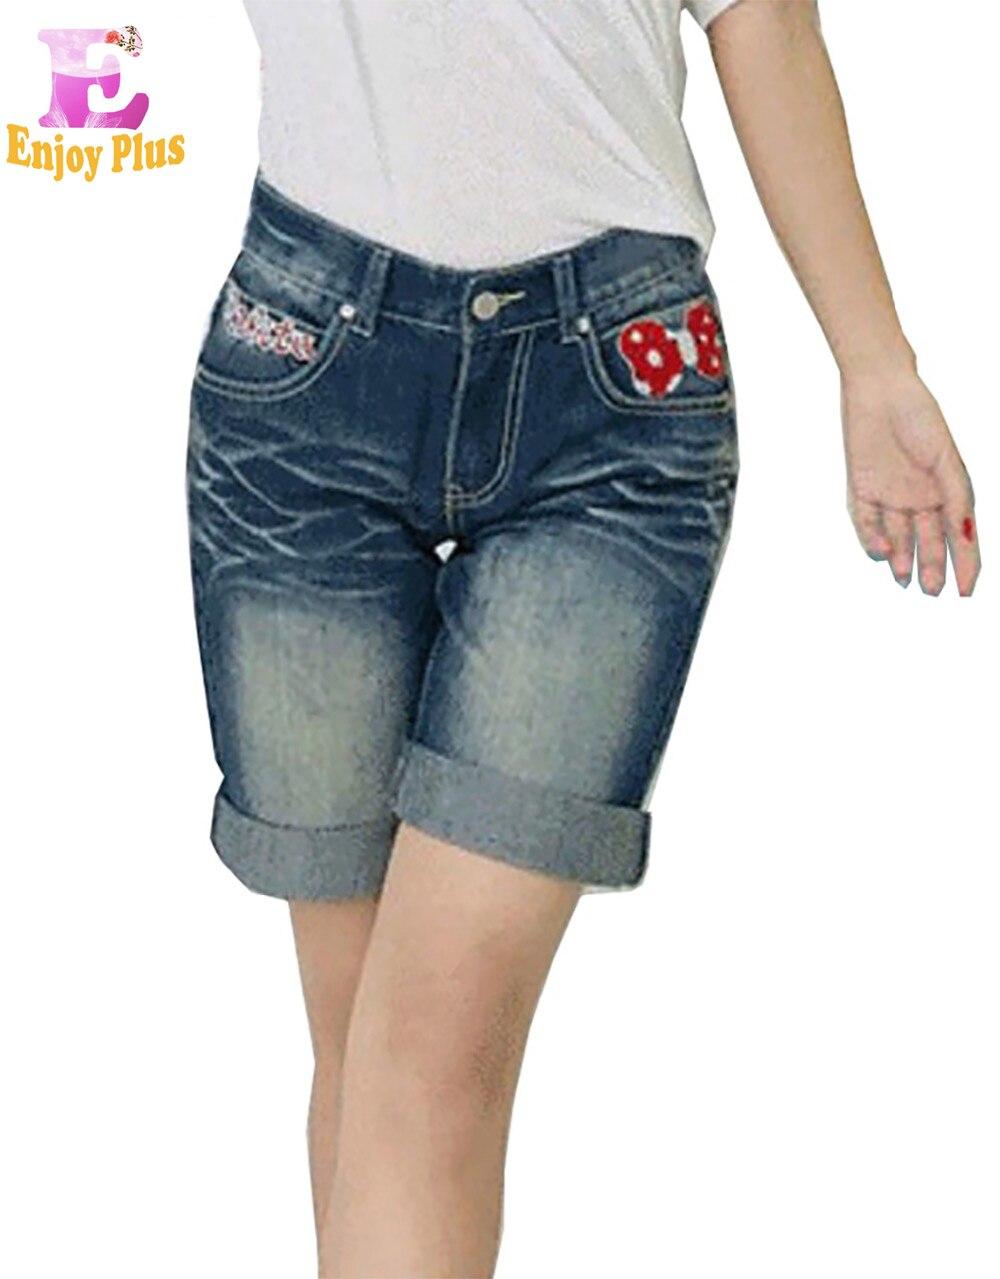 L XL XXL 3XL 4XL 5XL plus size cotone causale estate 2017 pantaloni jeans  delle donne di grandi dimensioni casuale blu denim corto al ginocchio ricamo 00cbd9d96fe